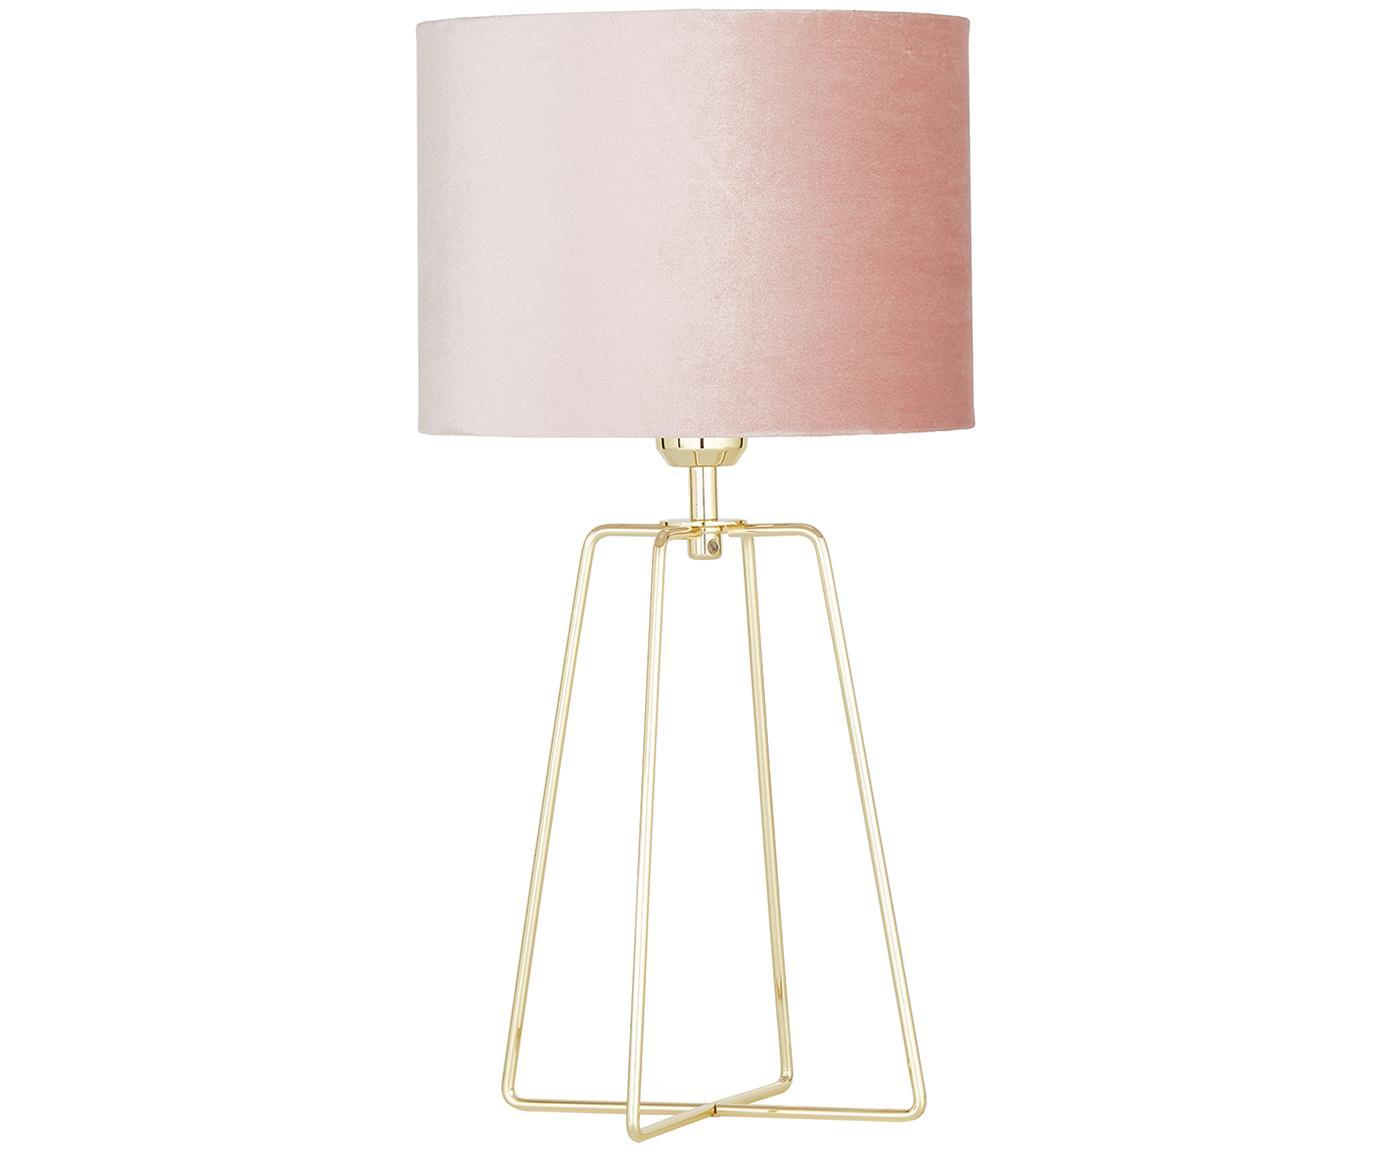 Lampada da tavolo Miranda, Paralume: velluto, Base della lampada: metallo ottonato, Paralume: rosa cipria Base della lampada: ottone lucido Cavo: trasparente, Ø 25 x Alt. 49 cm